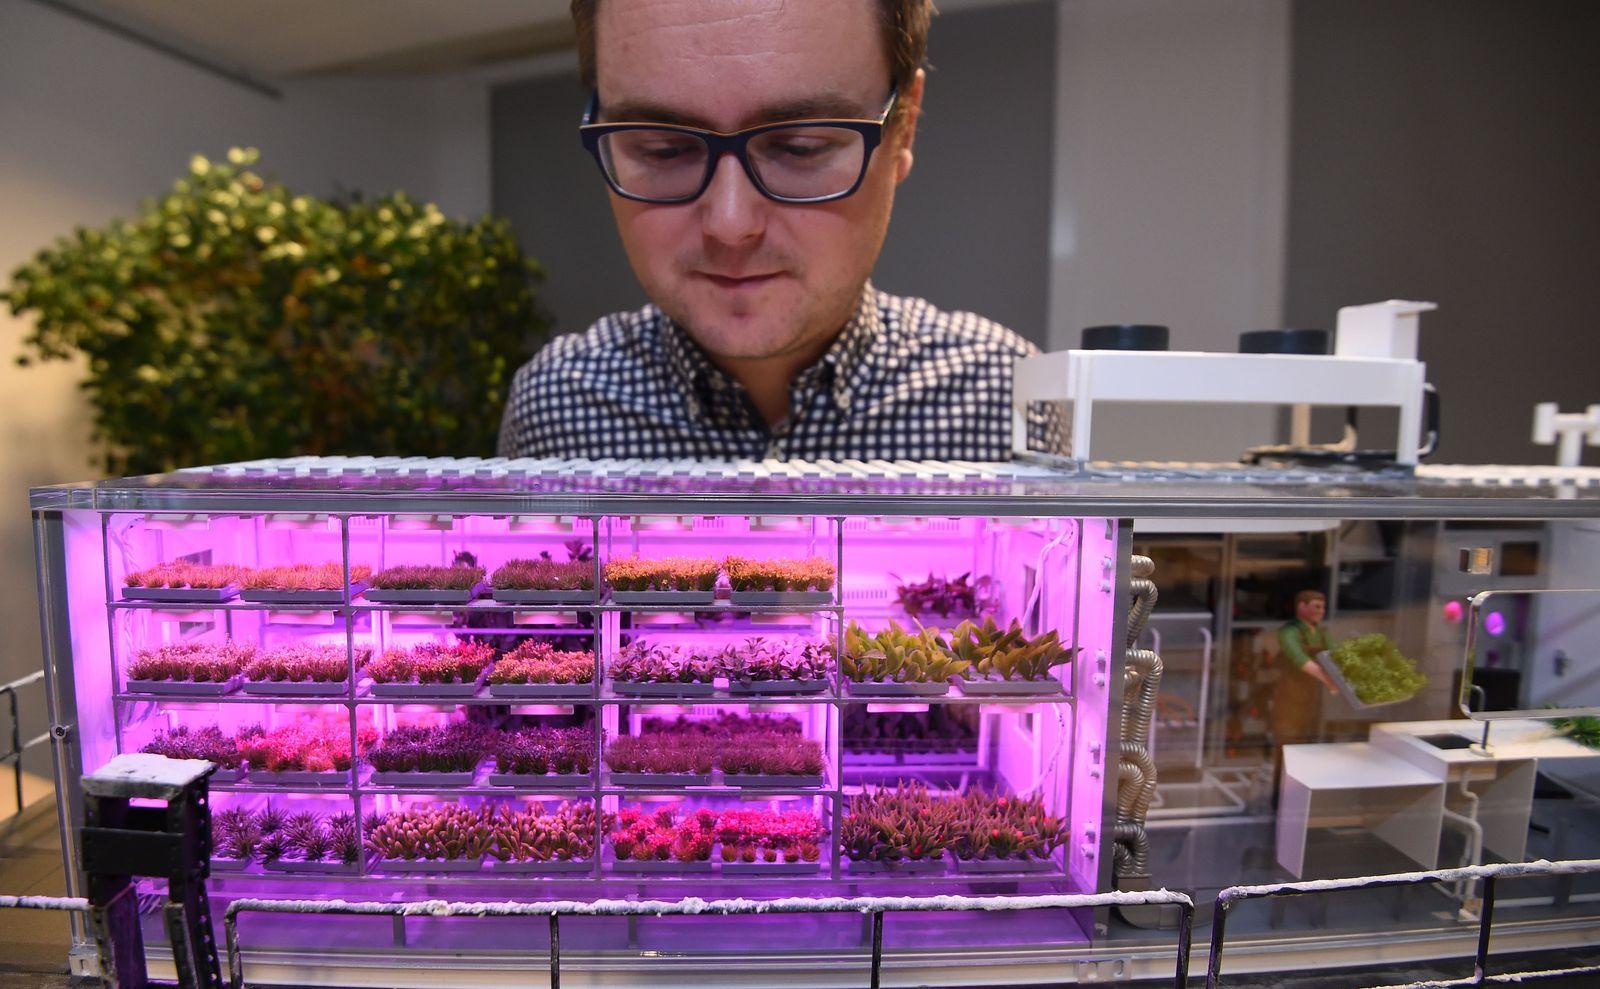 Bremer Wissenschaftler wollen in der Antarktis Gemüse züchten